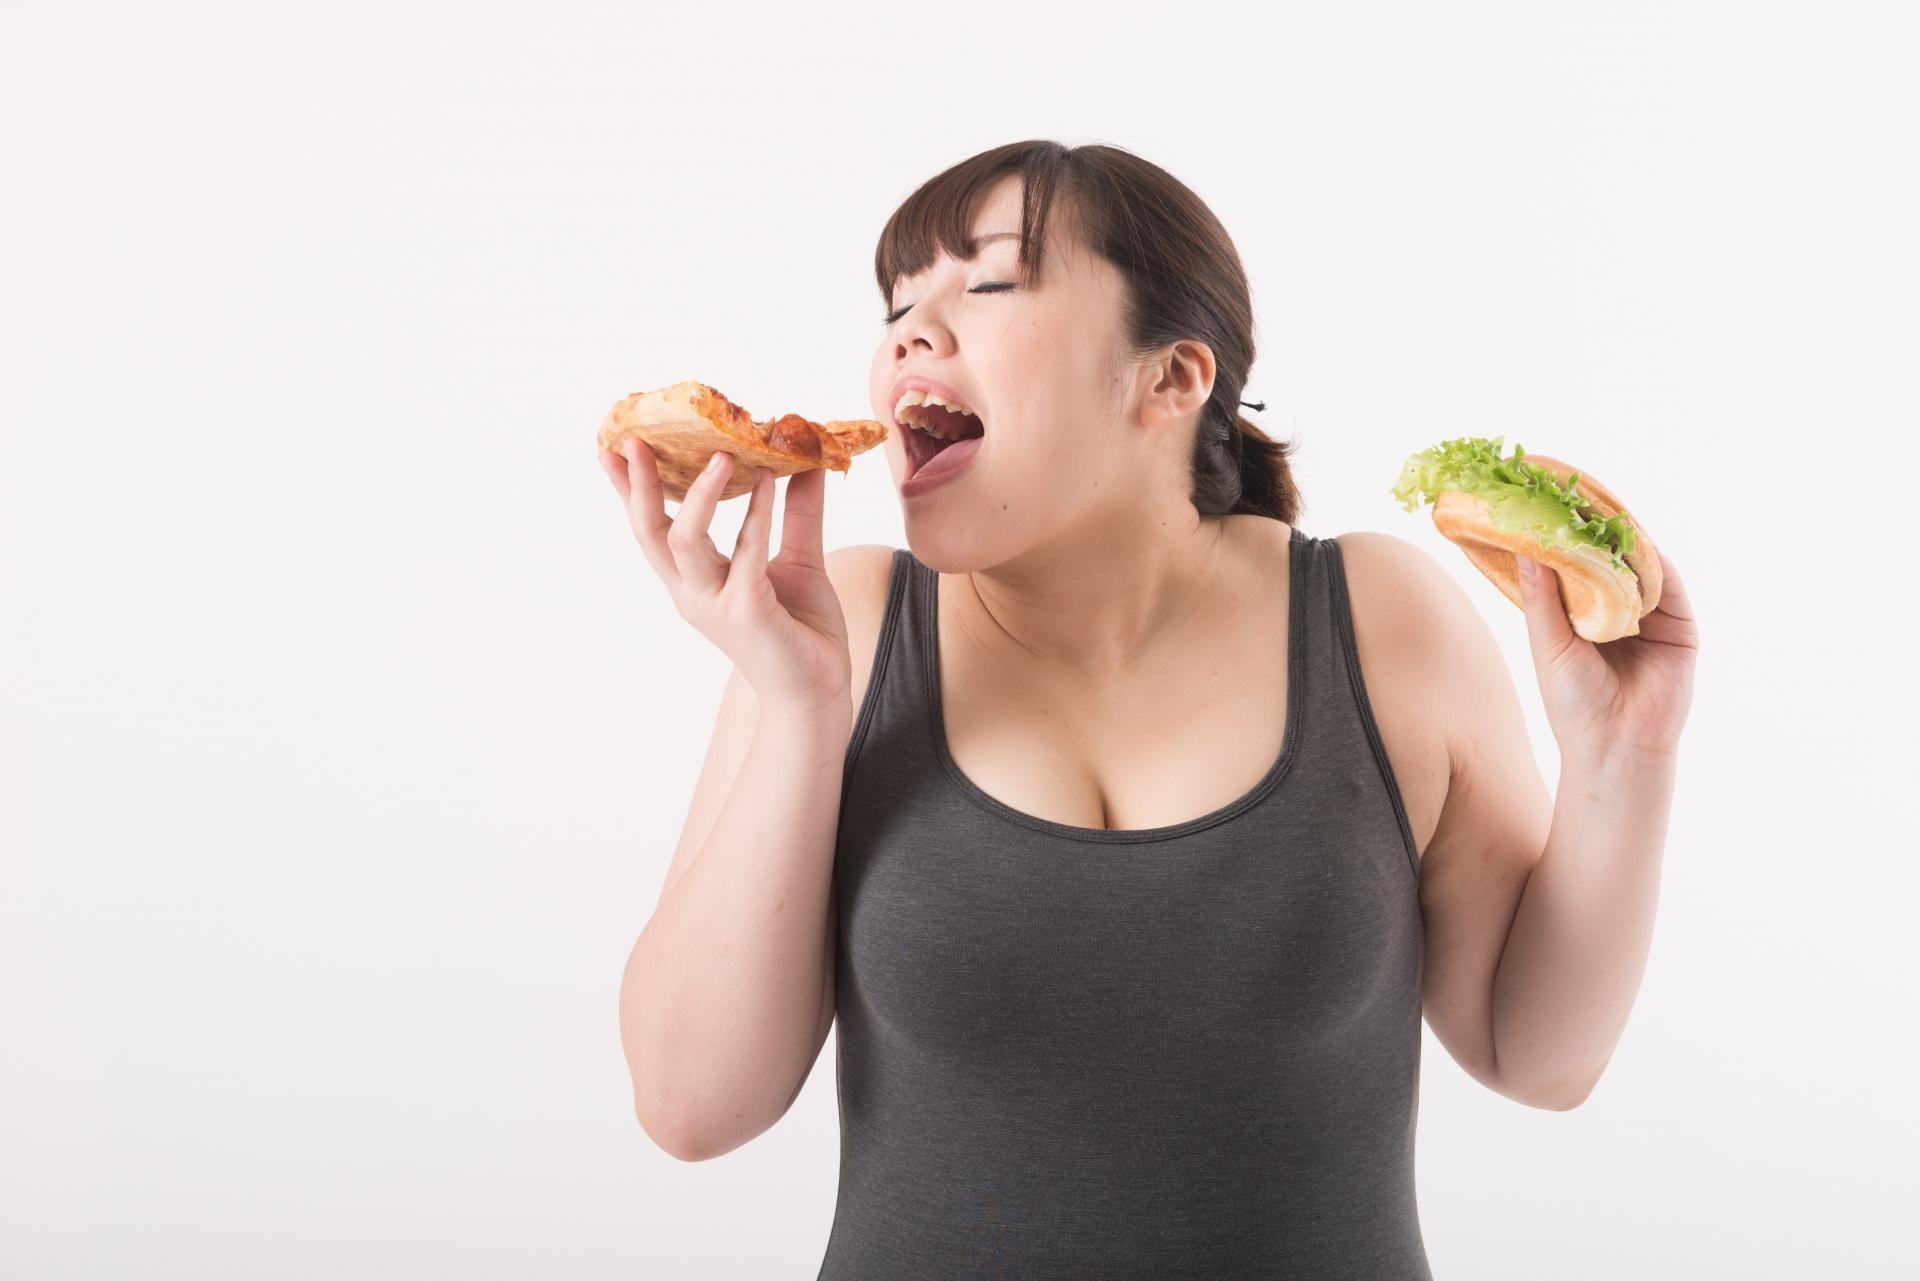 パンを食べるとどうして太ってしまうの?